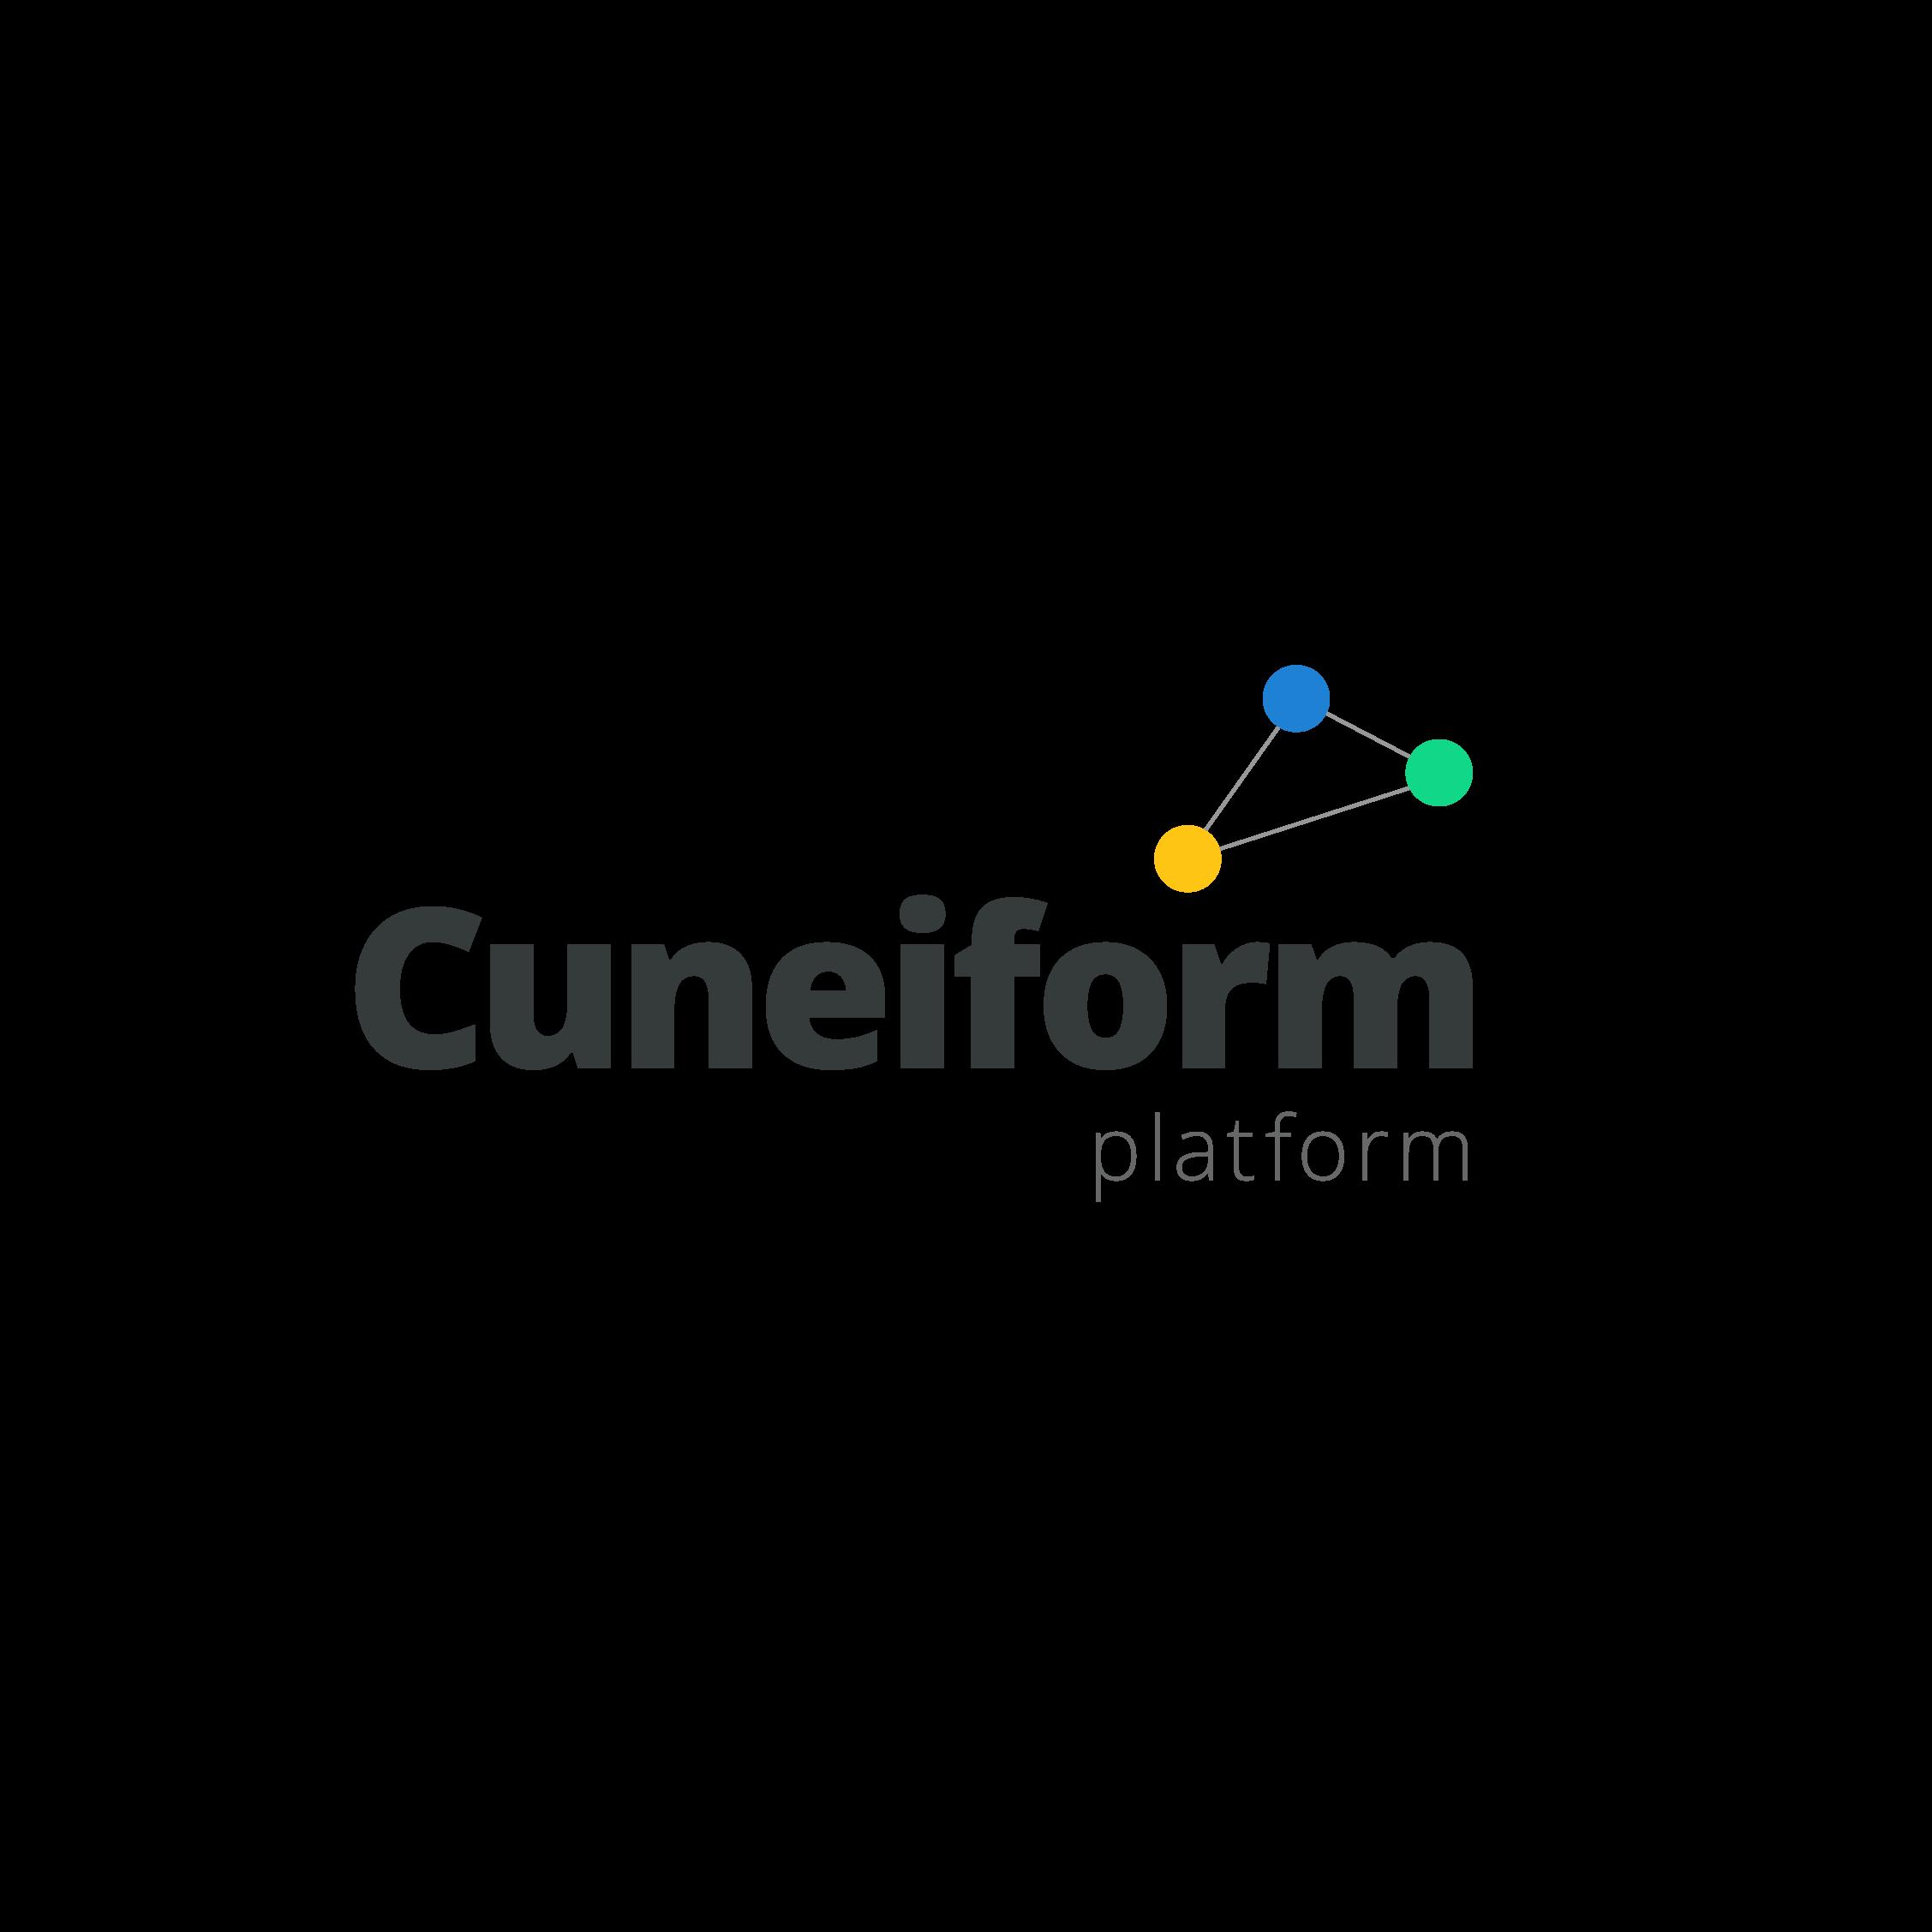 Cuneiform_Platform-01